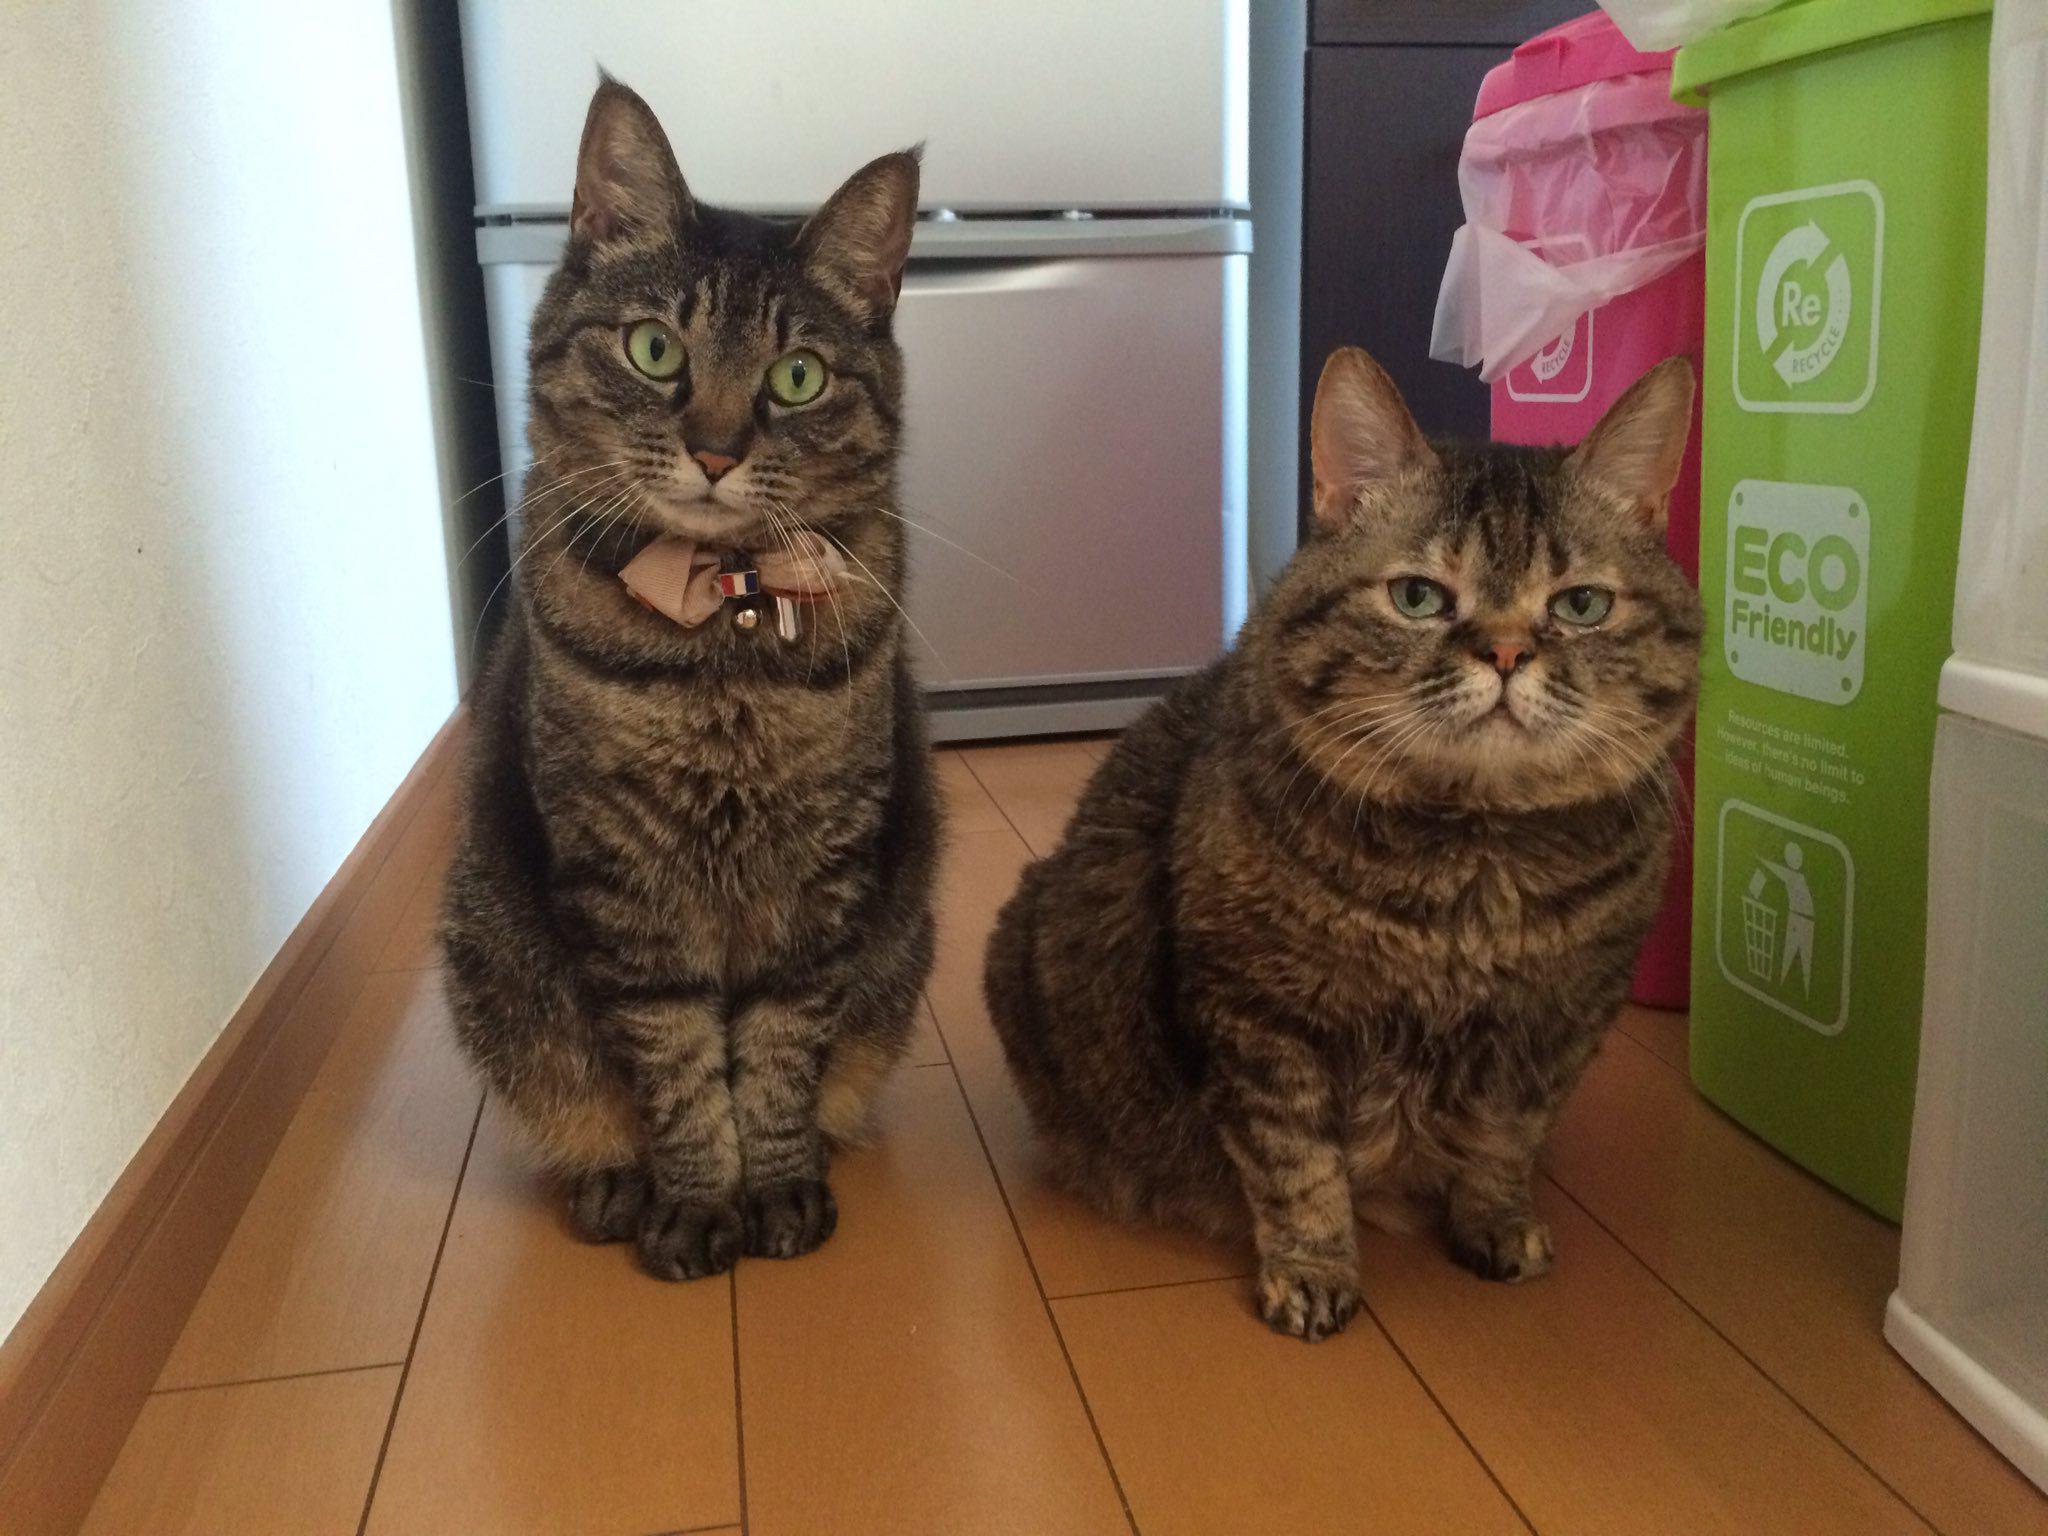 【こんなに可愛い訳がない!】猫の世界のお前ら見つけたわ(例えると)